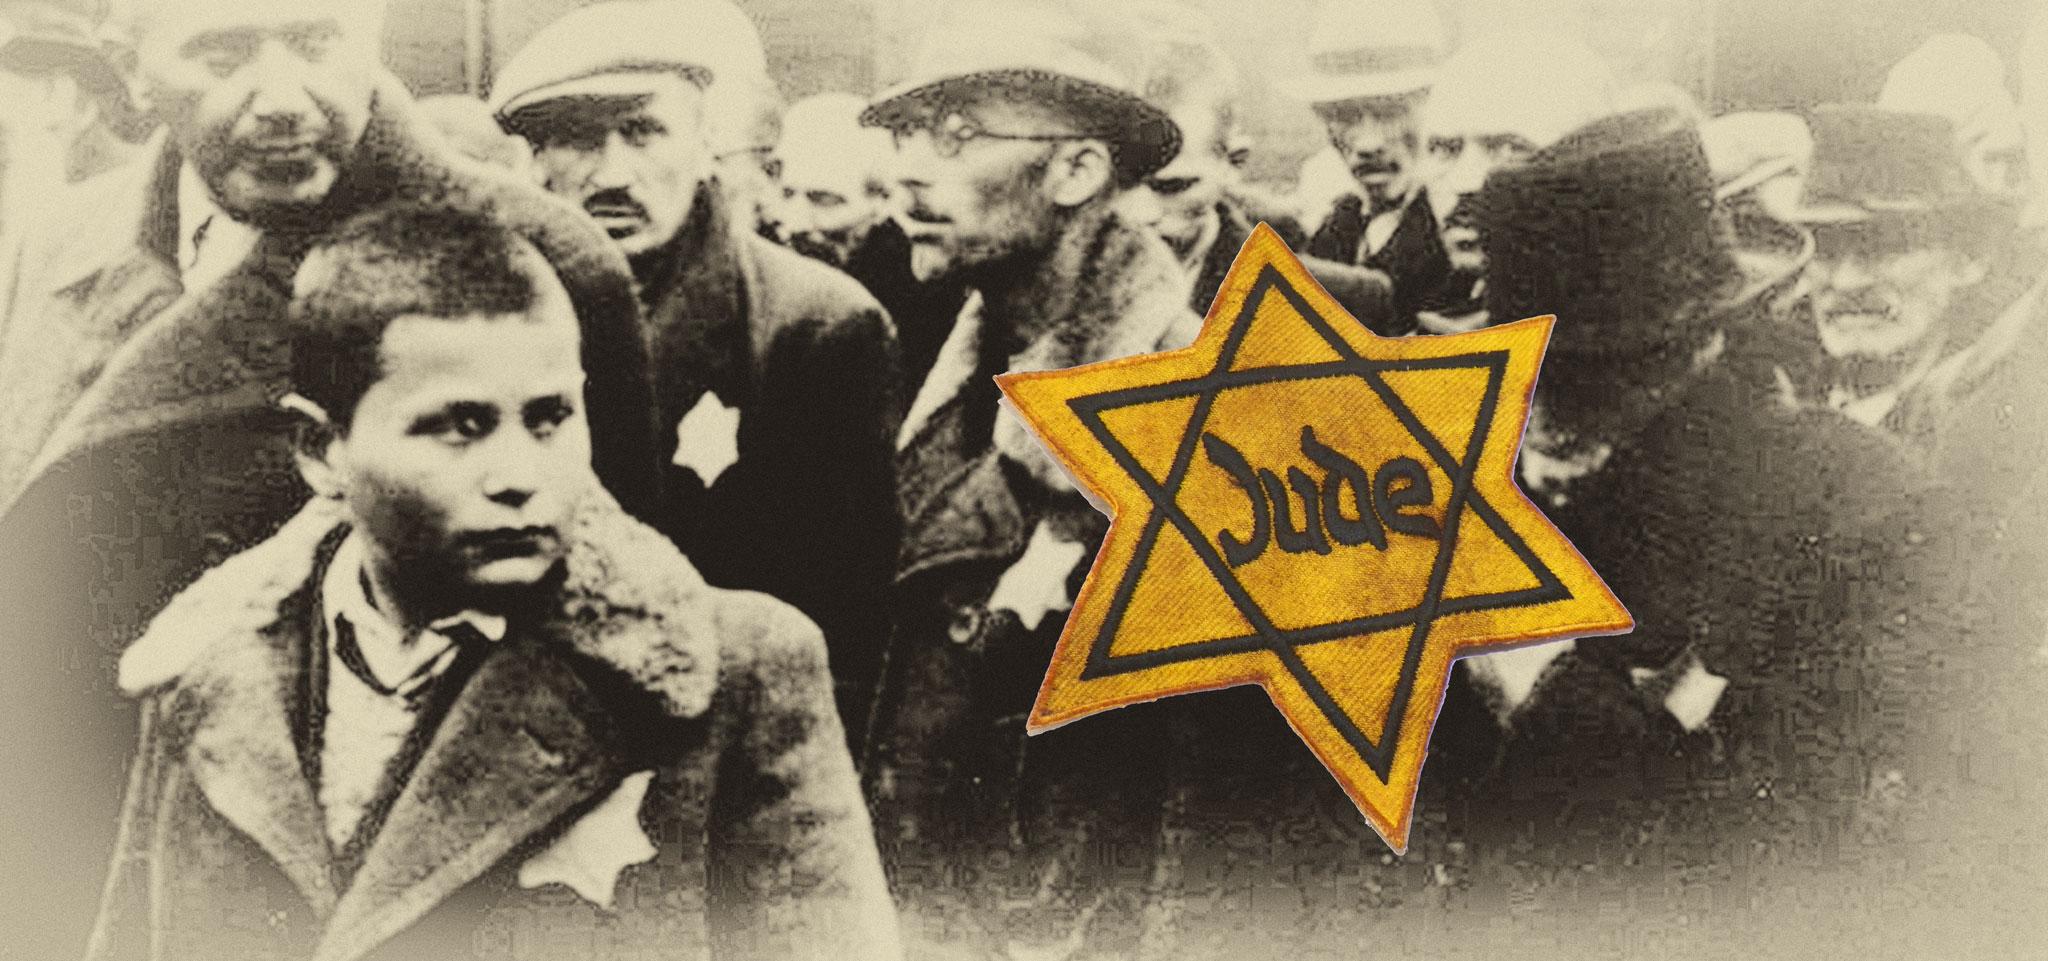 יום השואה, Йом ха-Шоа